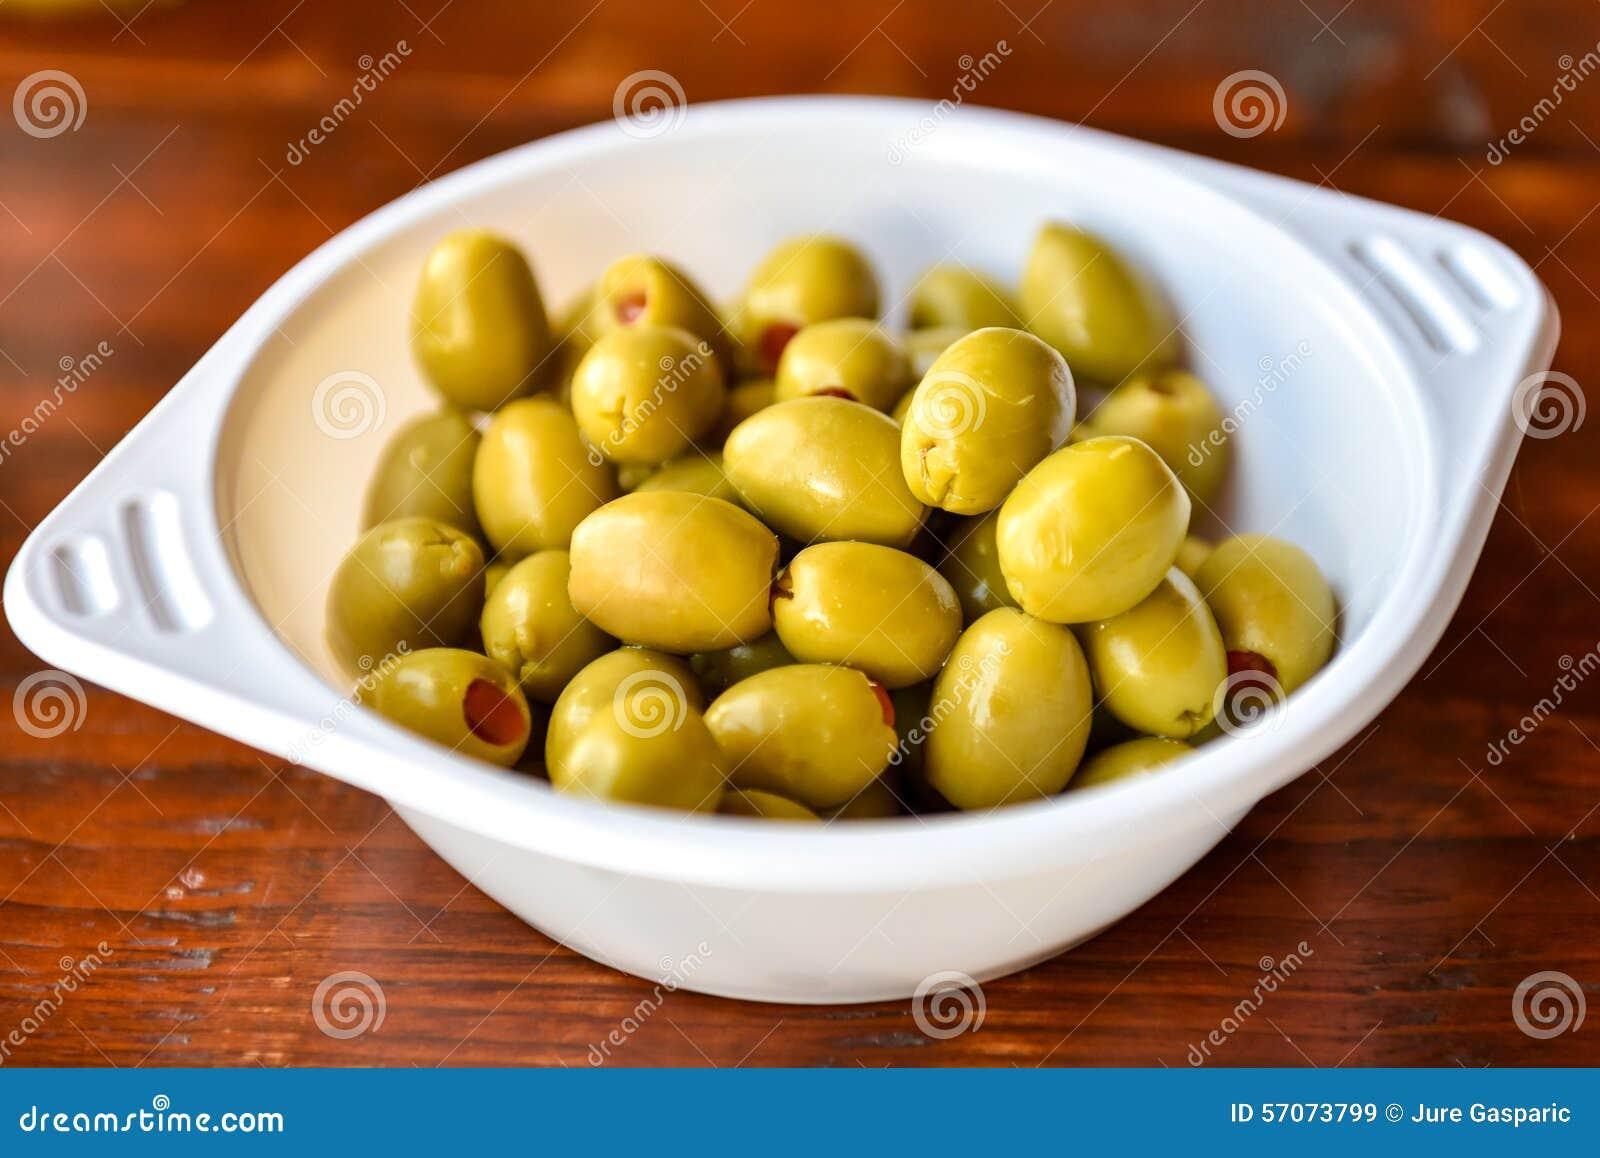 Plactickom van groene olijven